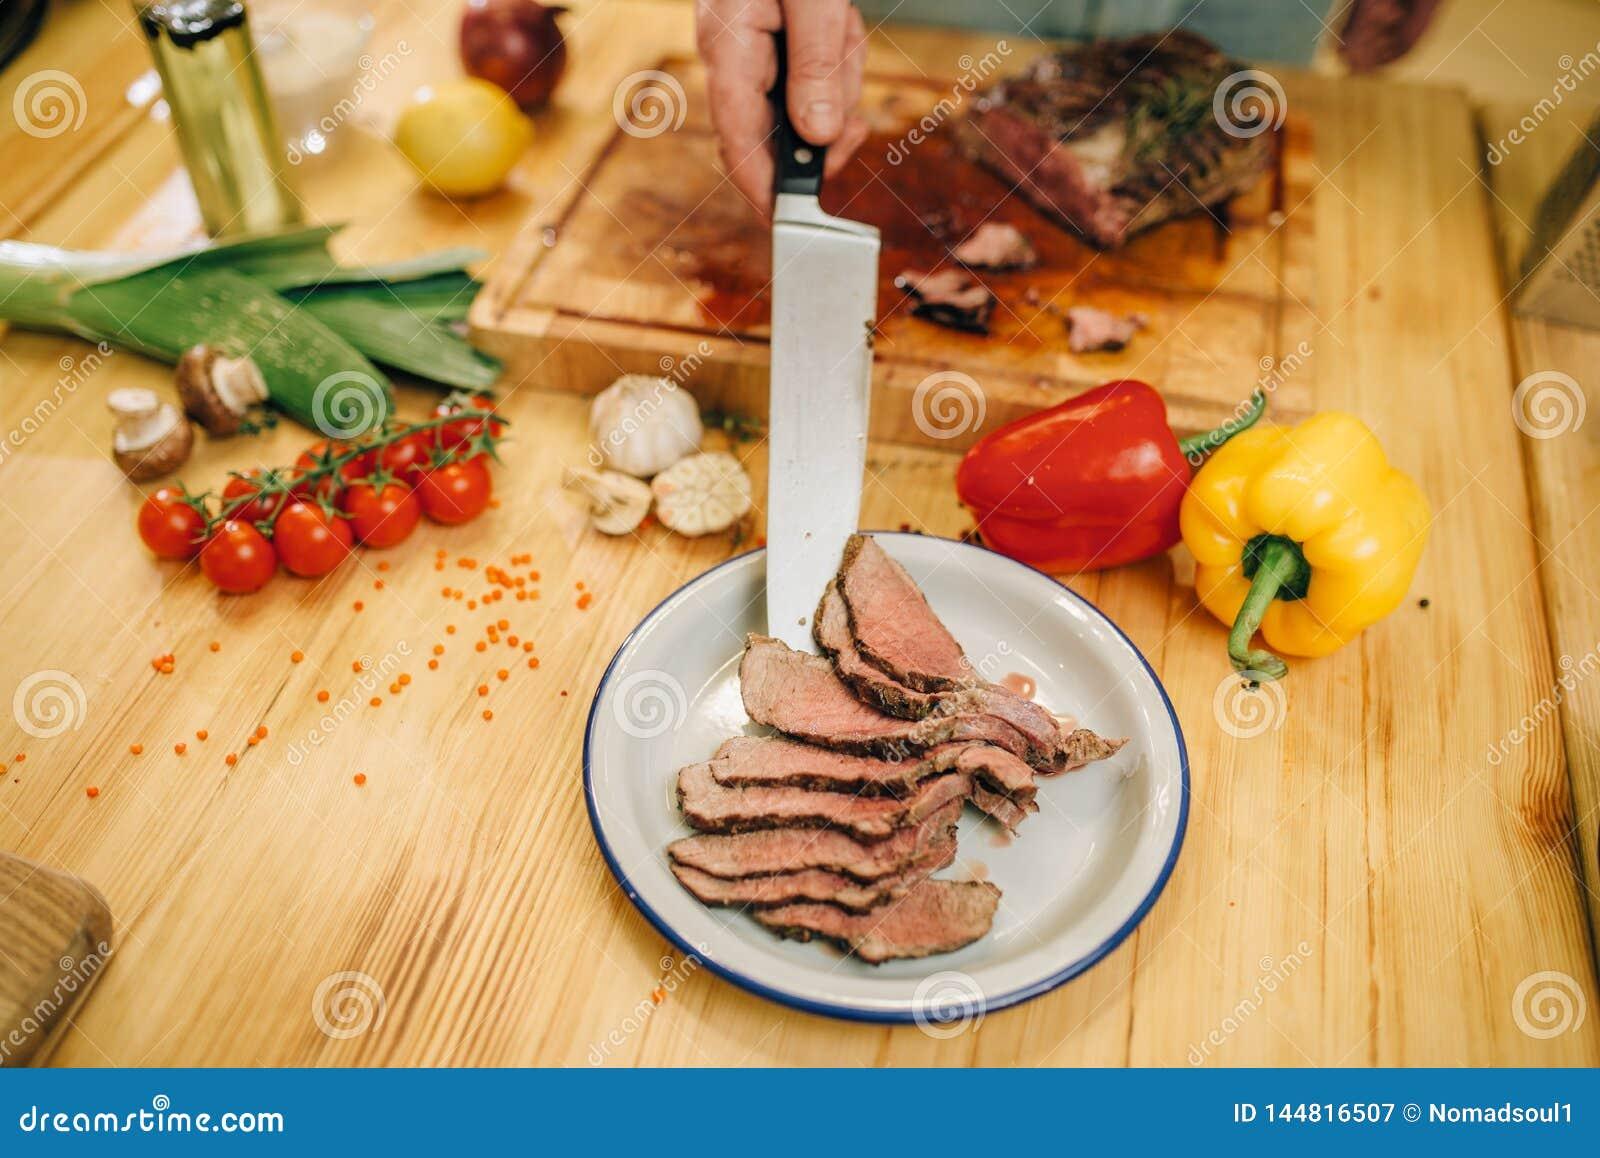 Le chef avec le couteau met la viande rôtie dans le plat